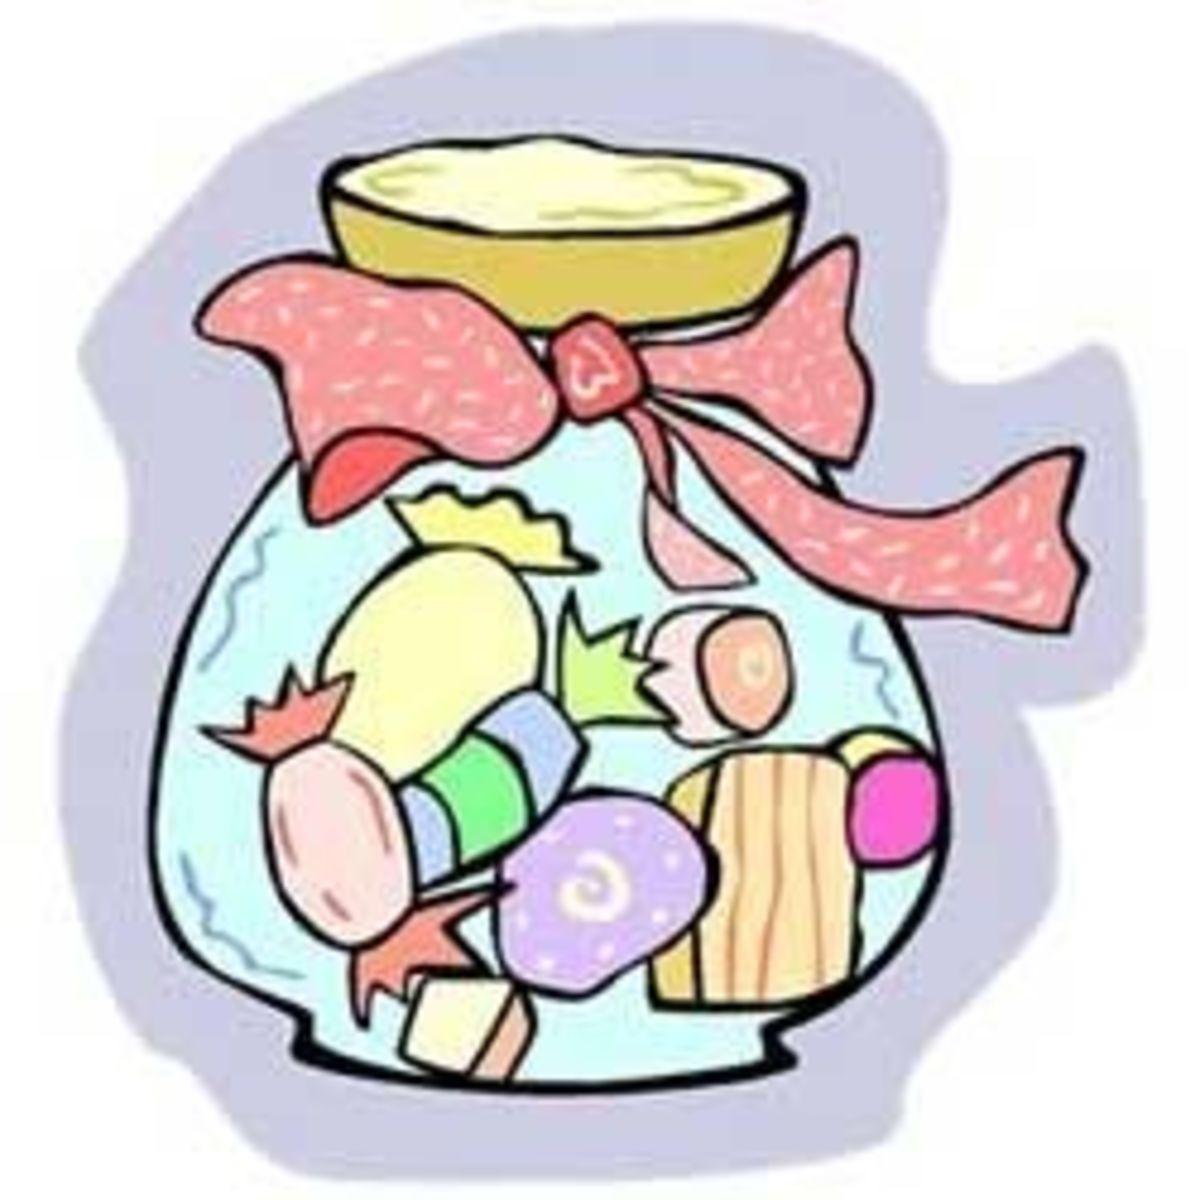 Hard Candy in a Jar